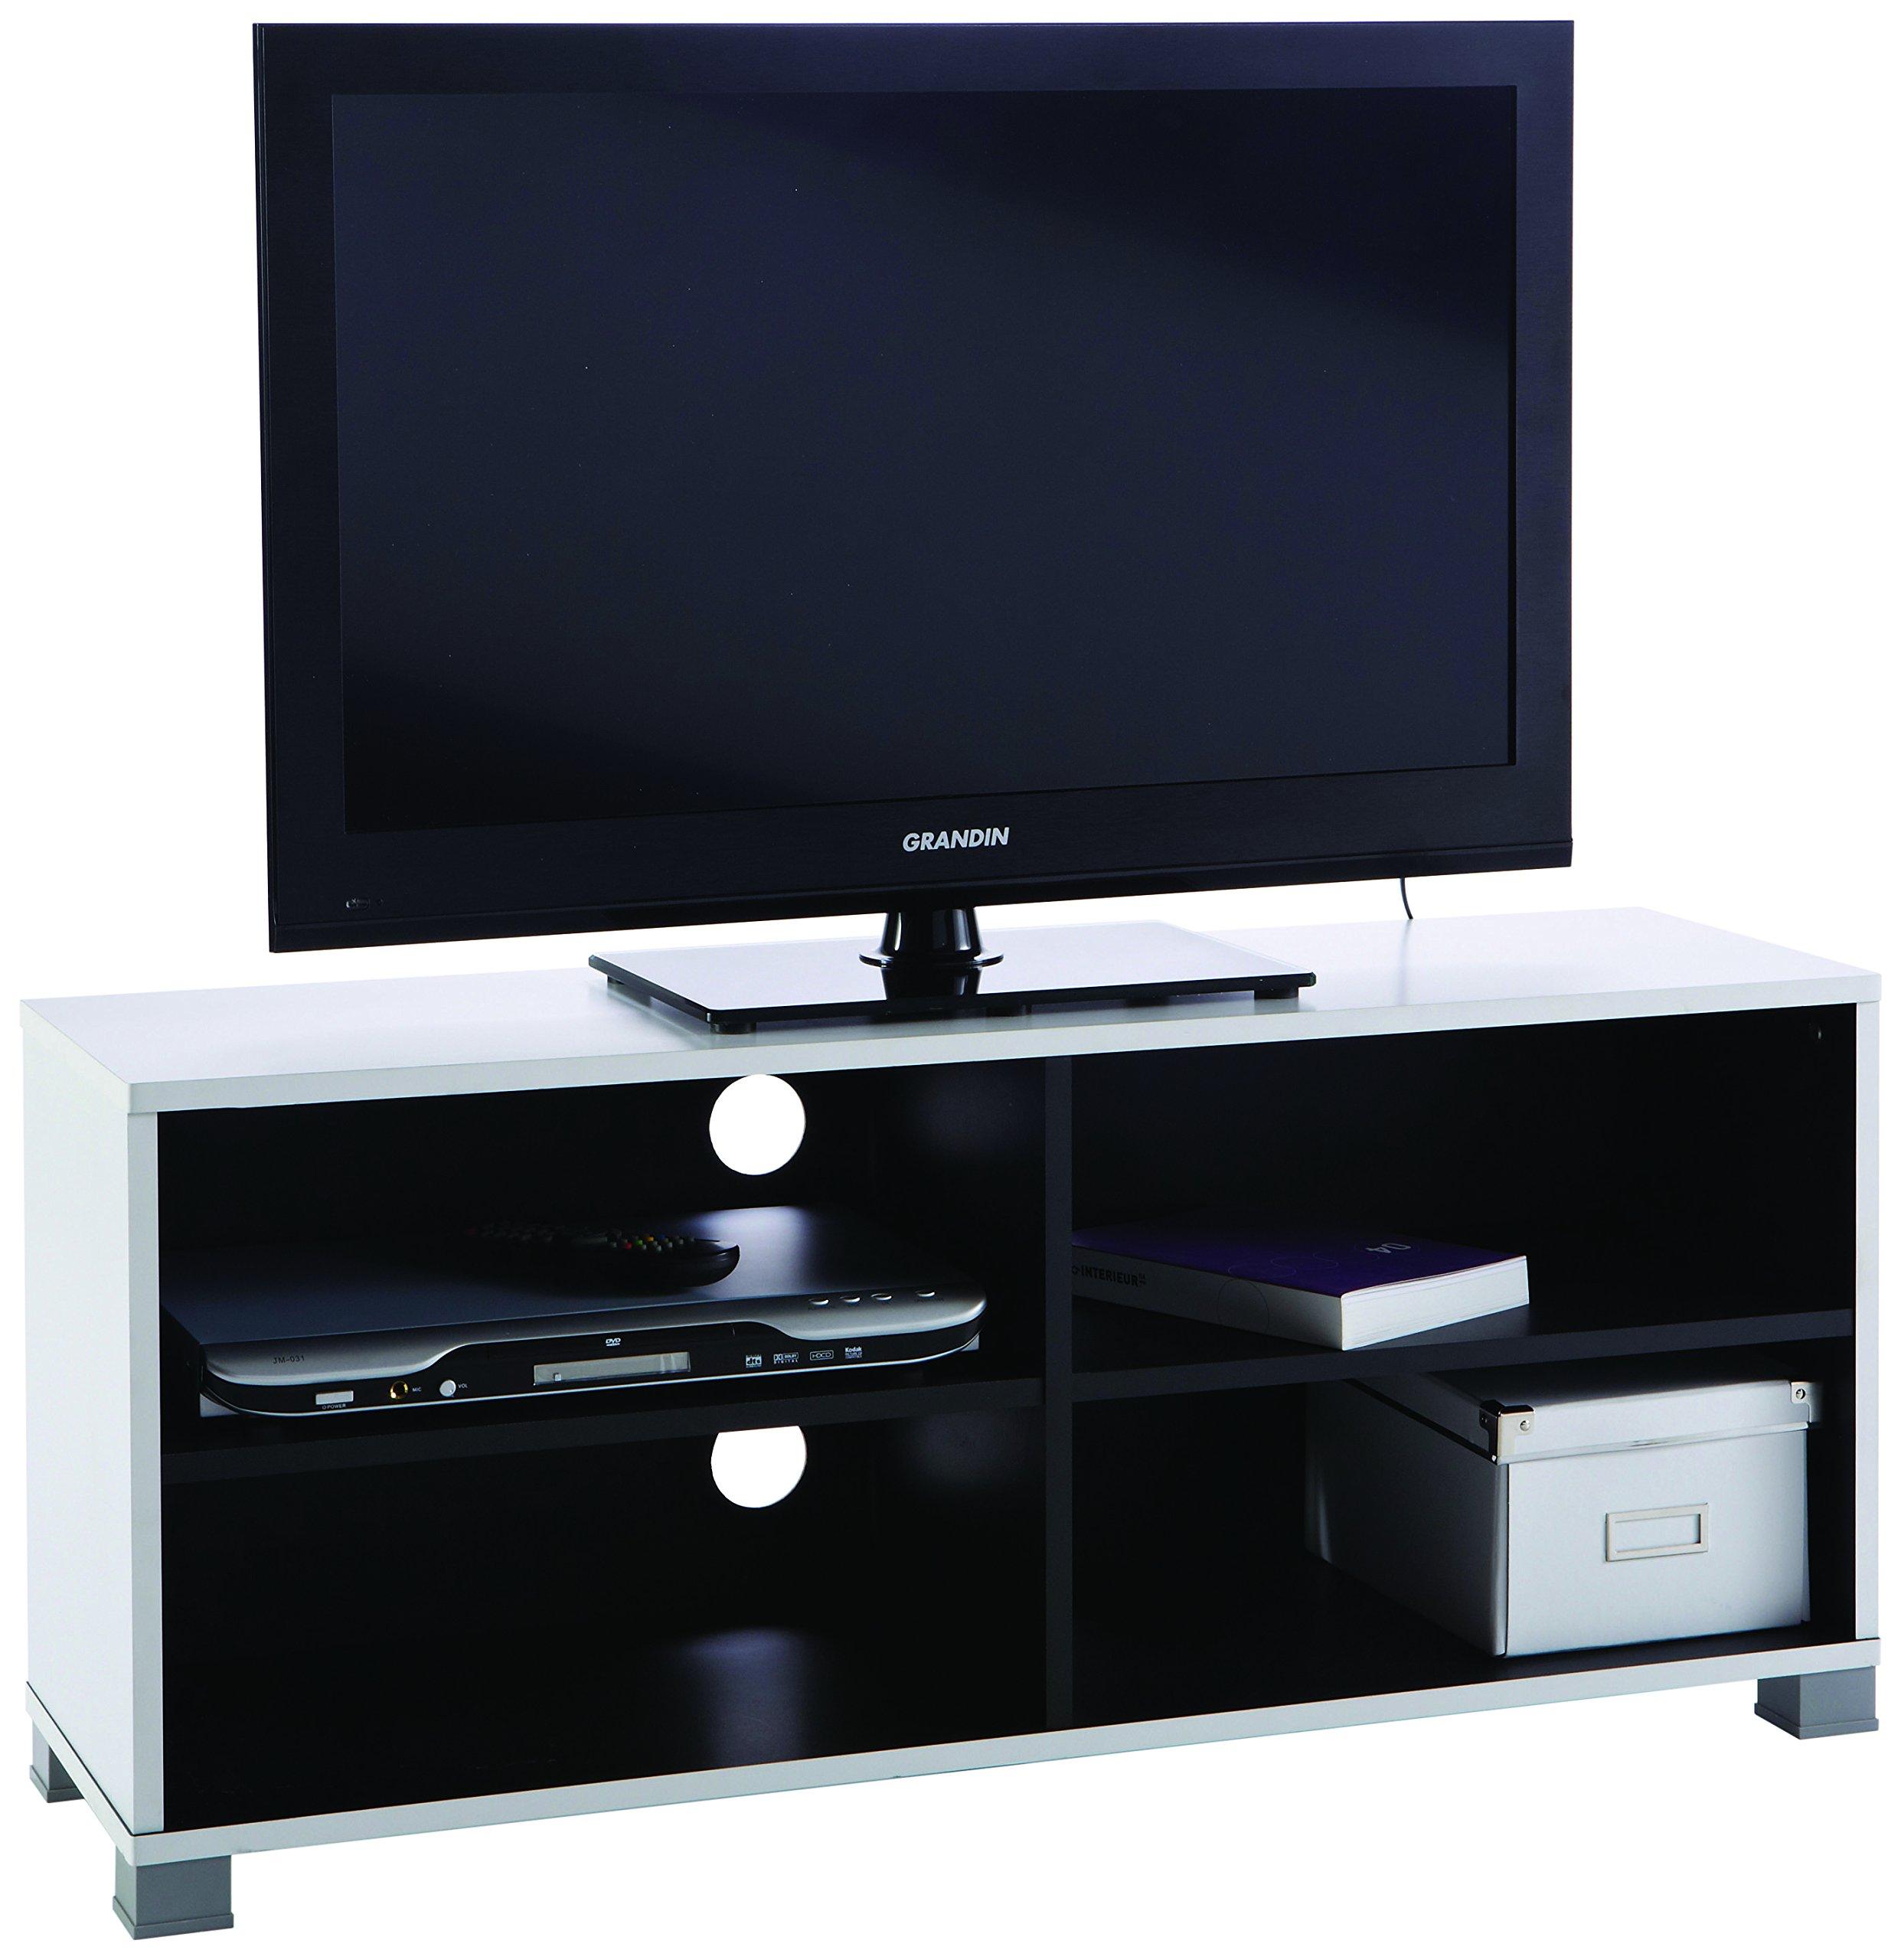 Demeyere #218 Grafit - Mueble para televisor (con baldas inferiores), color blanco y negro